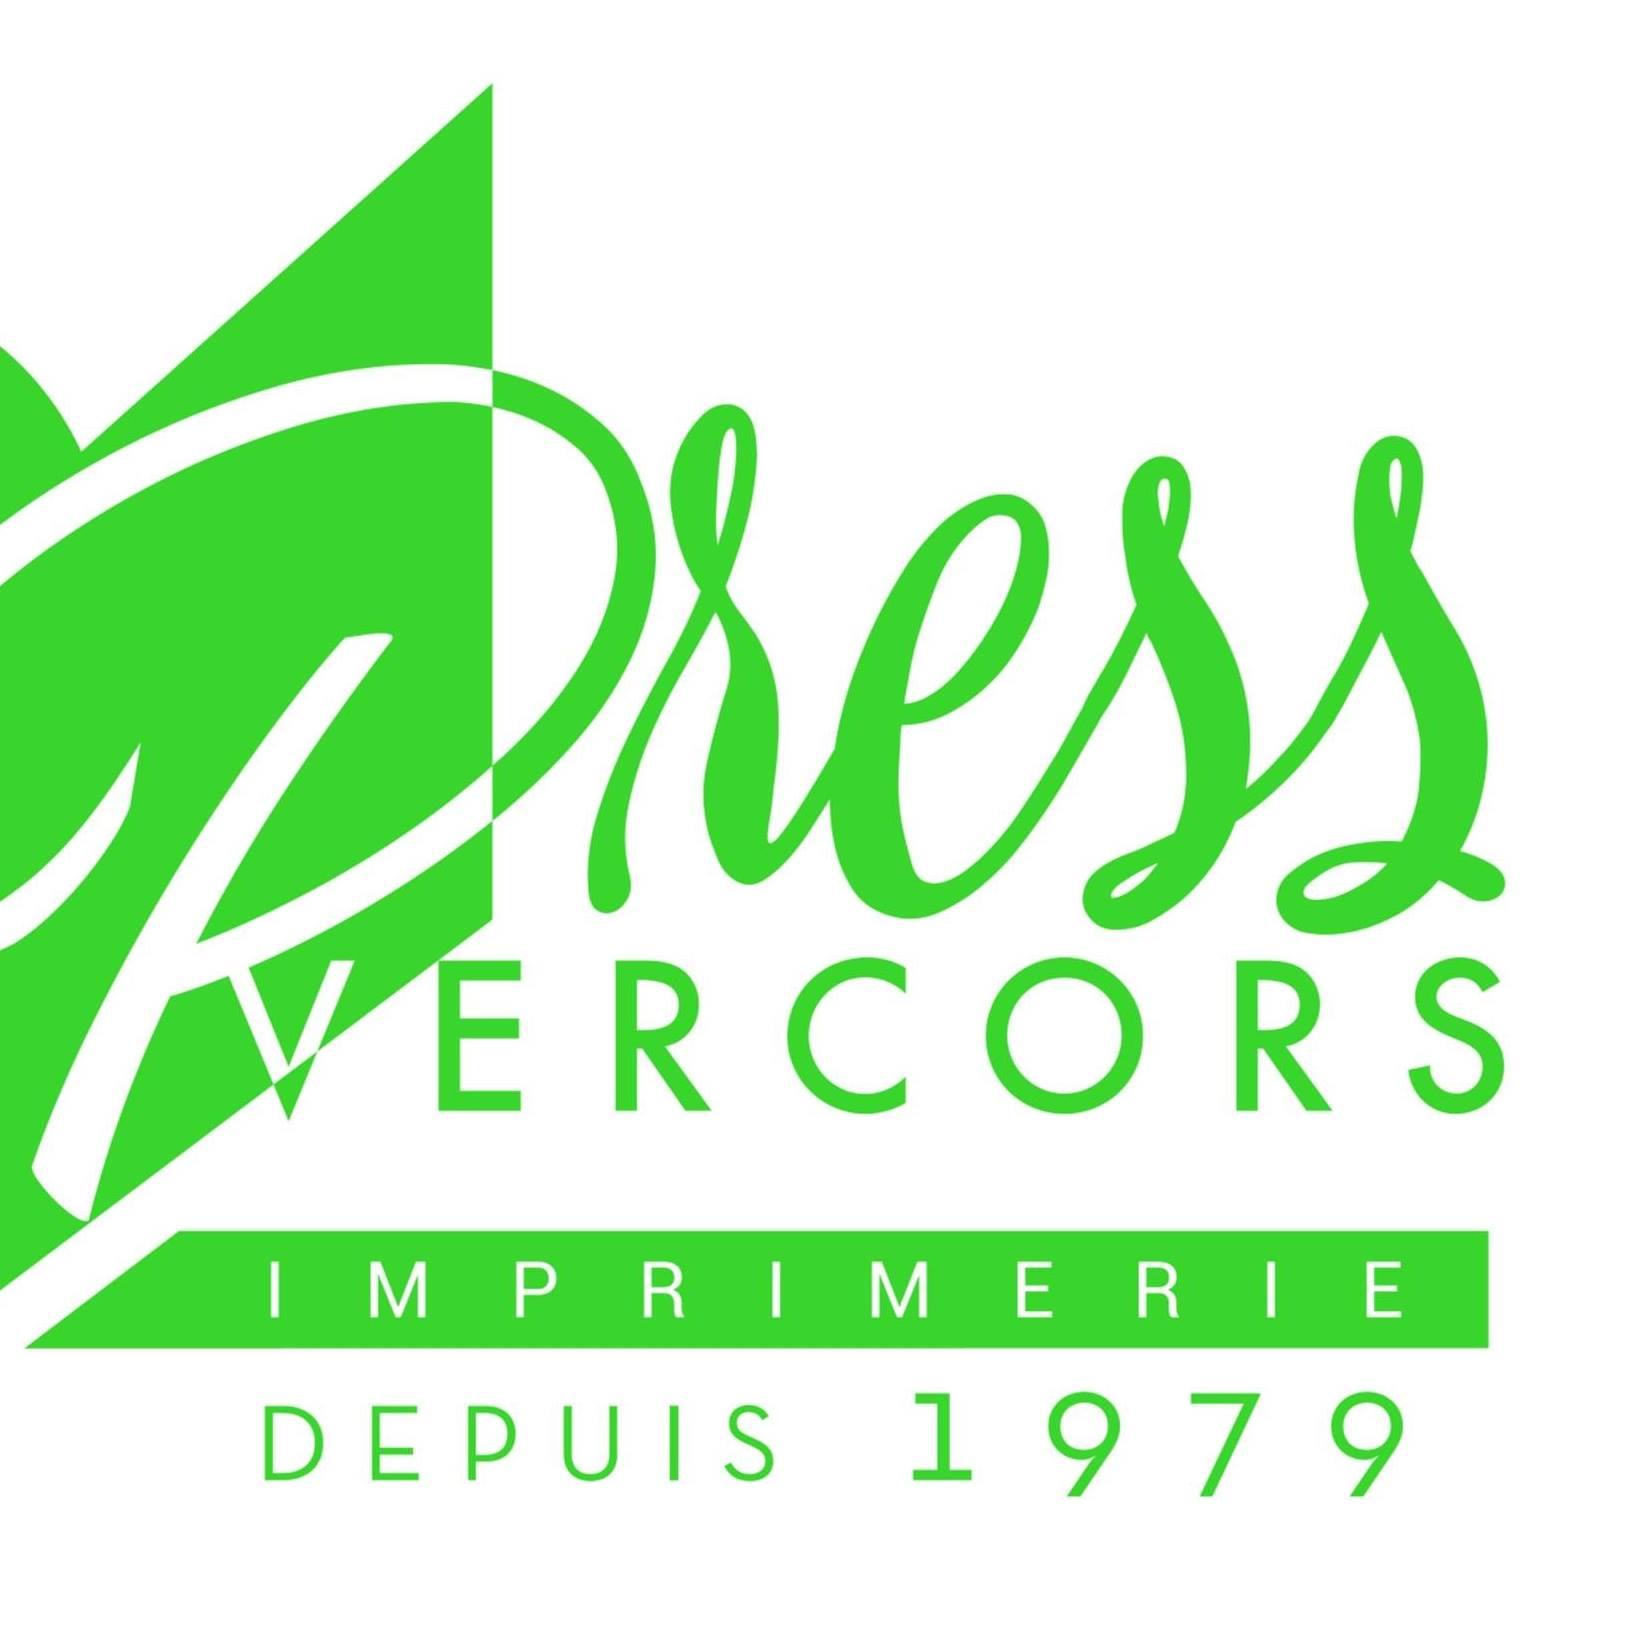 Press Vercors partenaire La Belle Noix